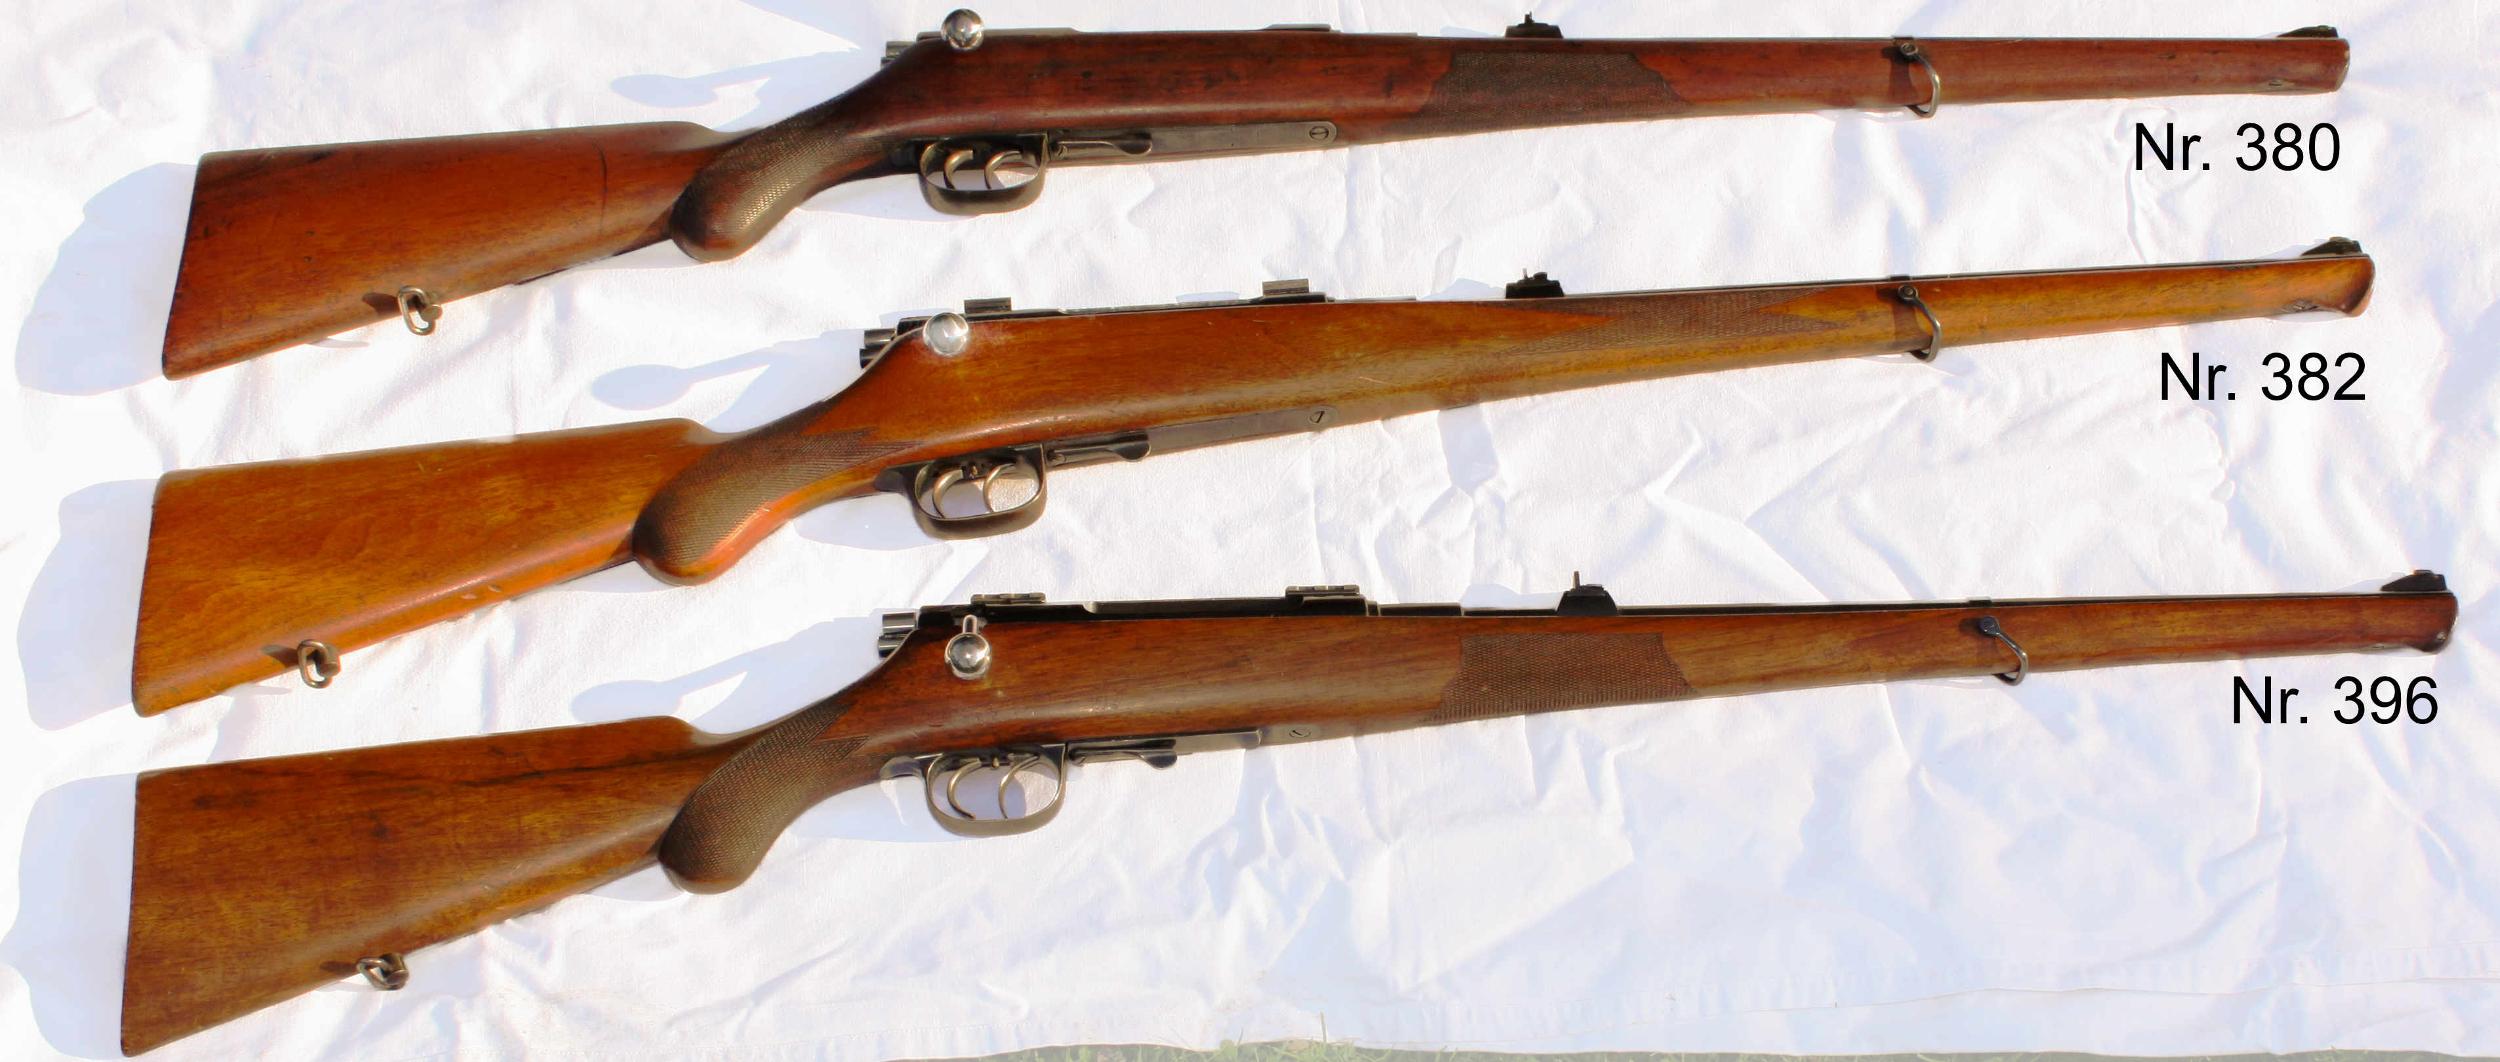 Schultz & Larsen Model38 rifle